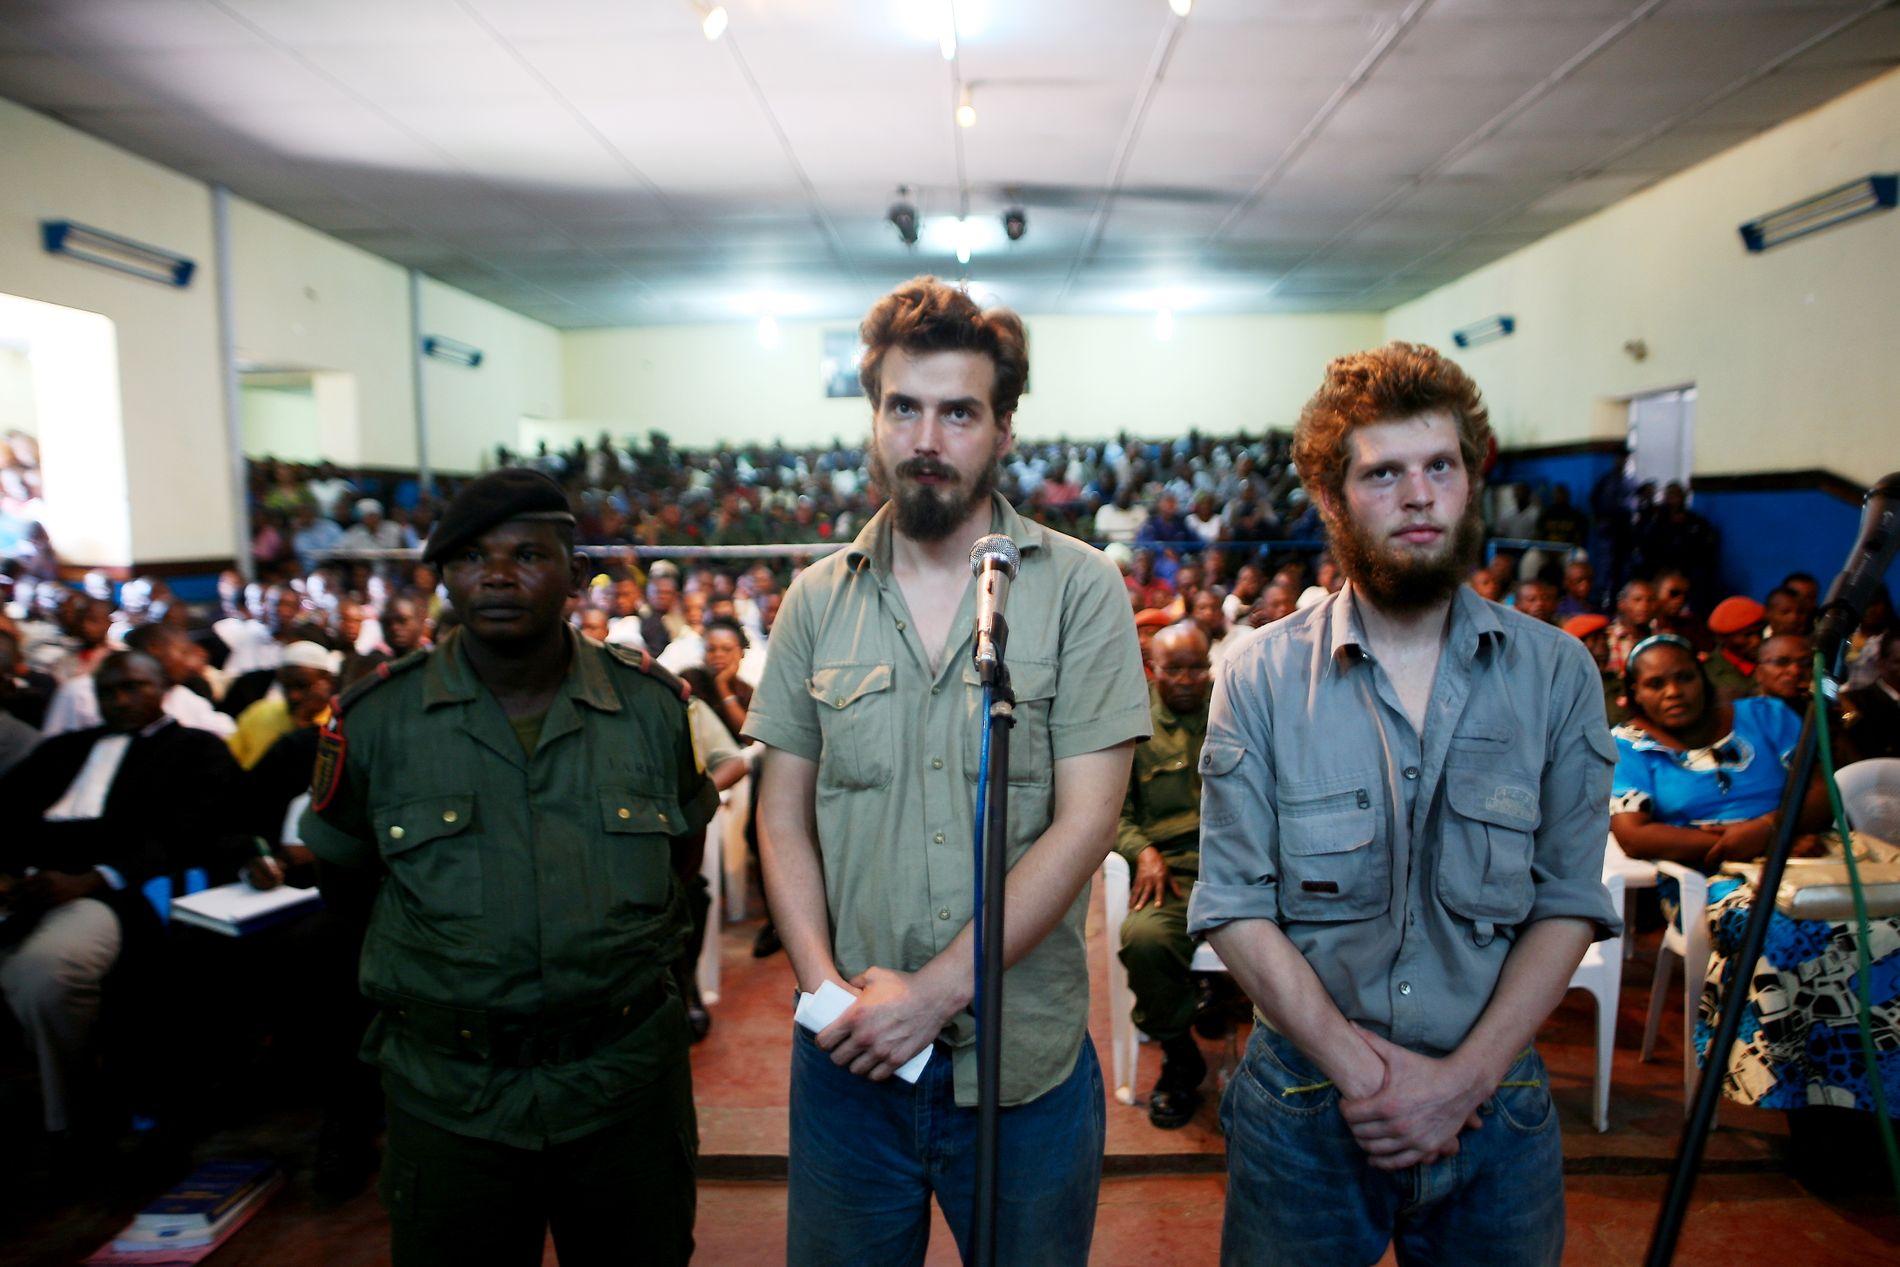 RETTSSAK: De to nordmennene måtte møte i retten i Kisangani i Kongo sommeren 2009.